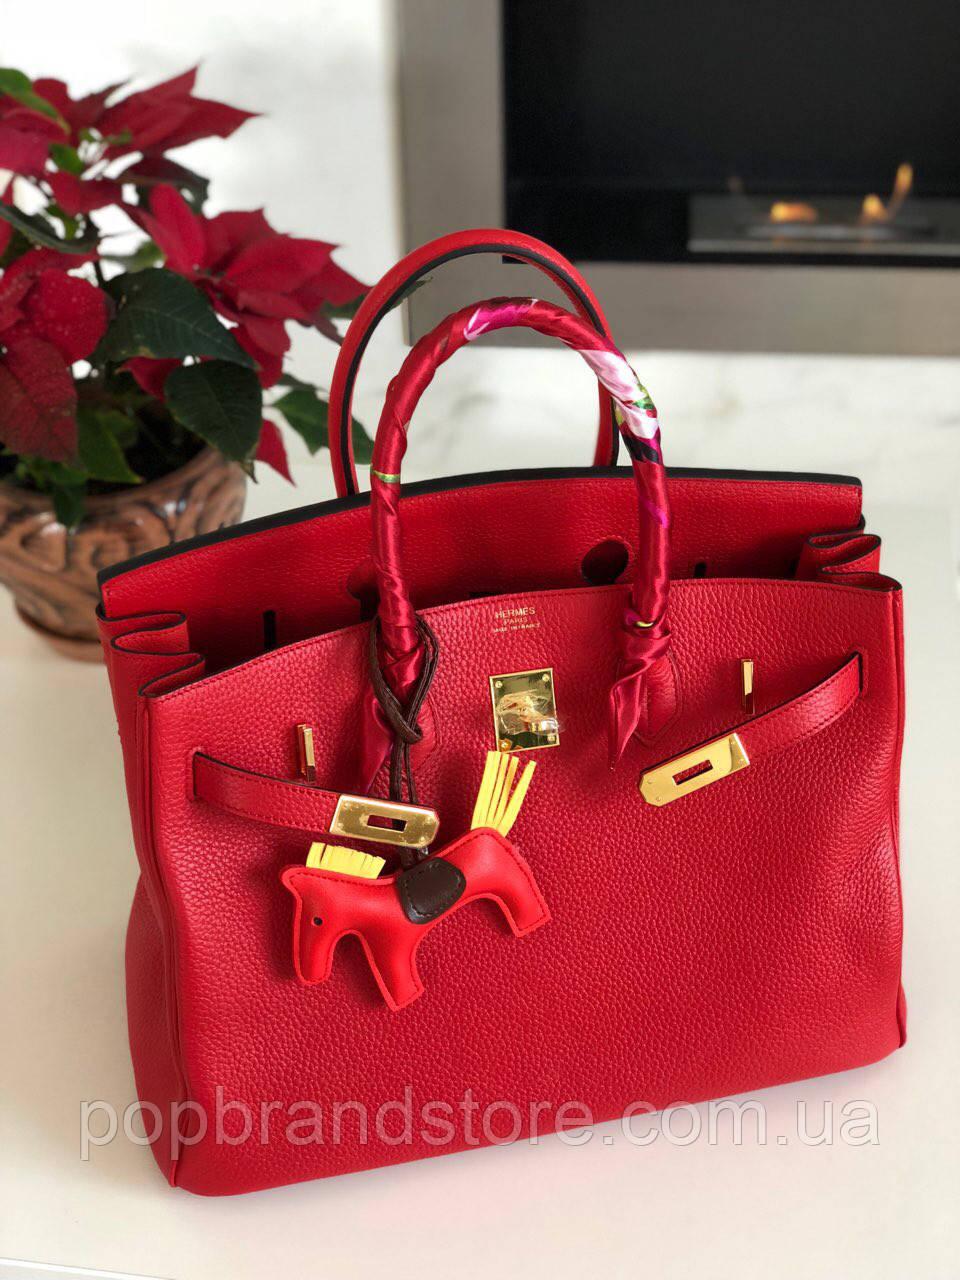 425f4a7d2c0c Роскошная женская сумка Гермес Биркин 35 см красная (реплика) - Pop Brand  Store